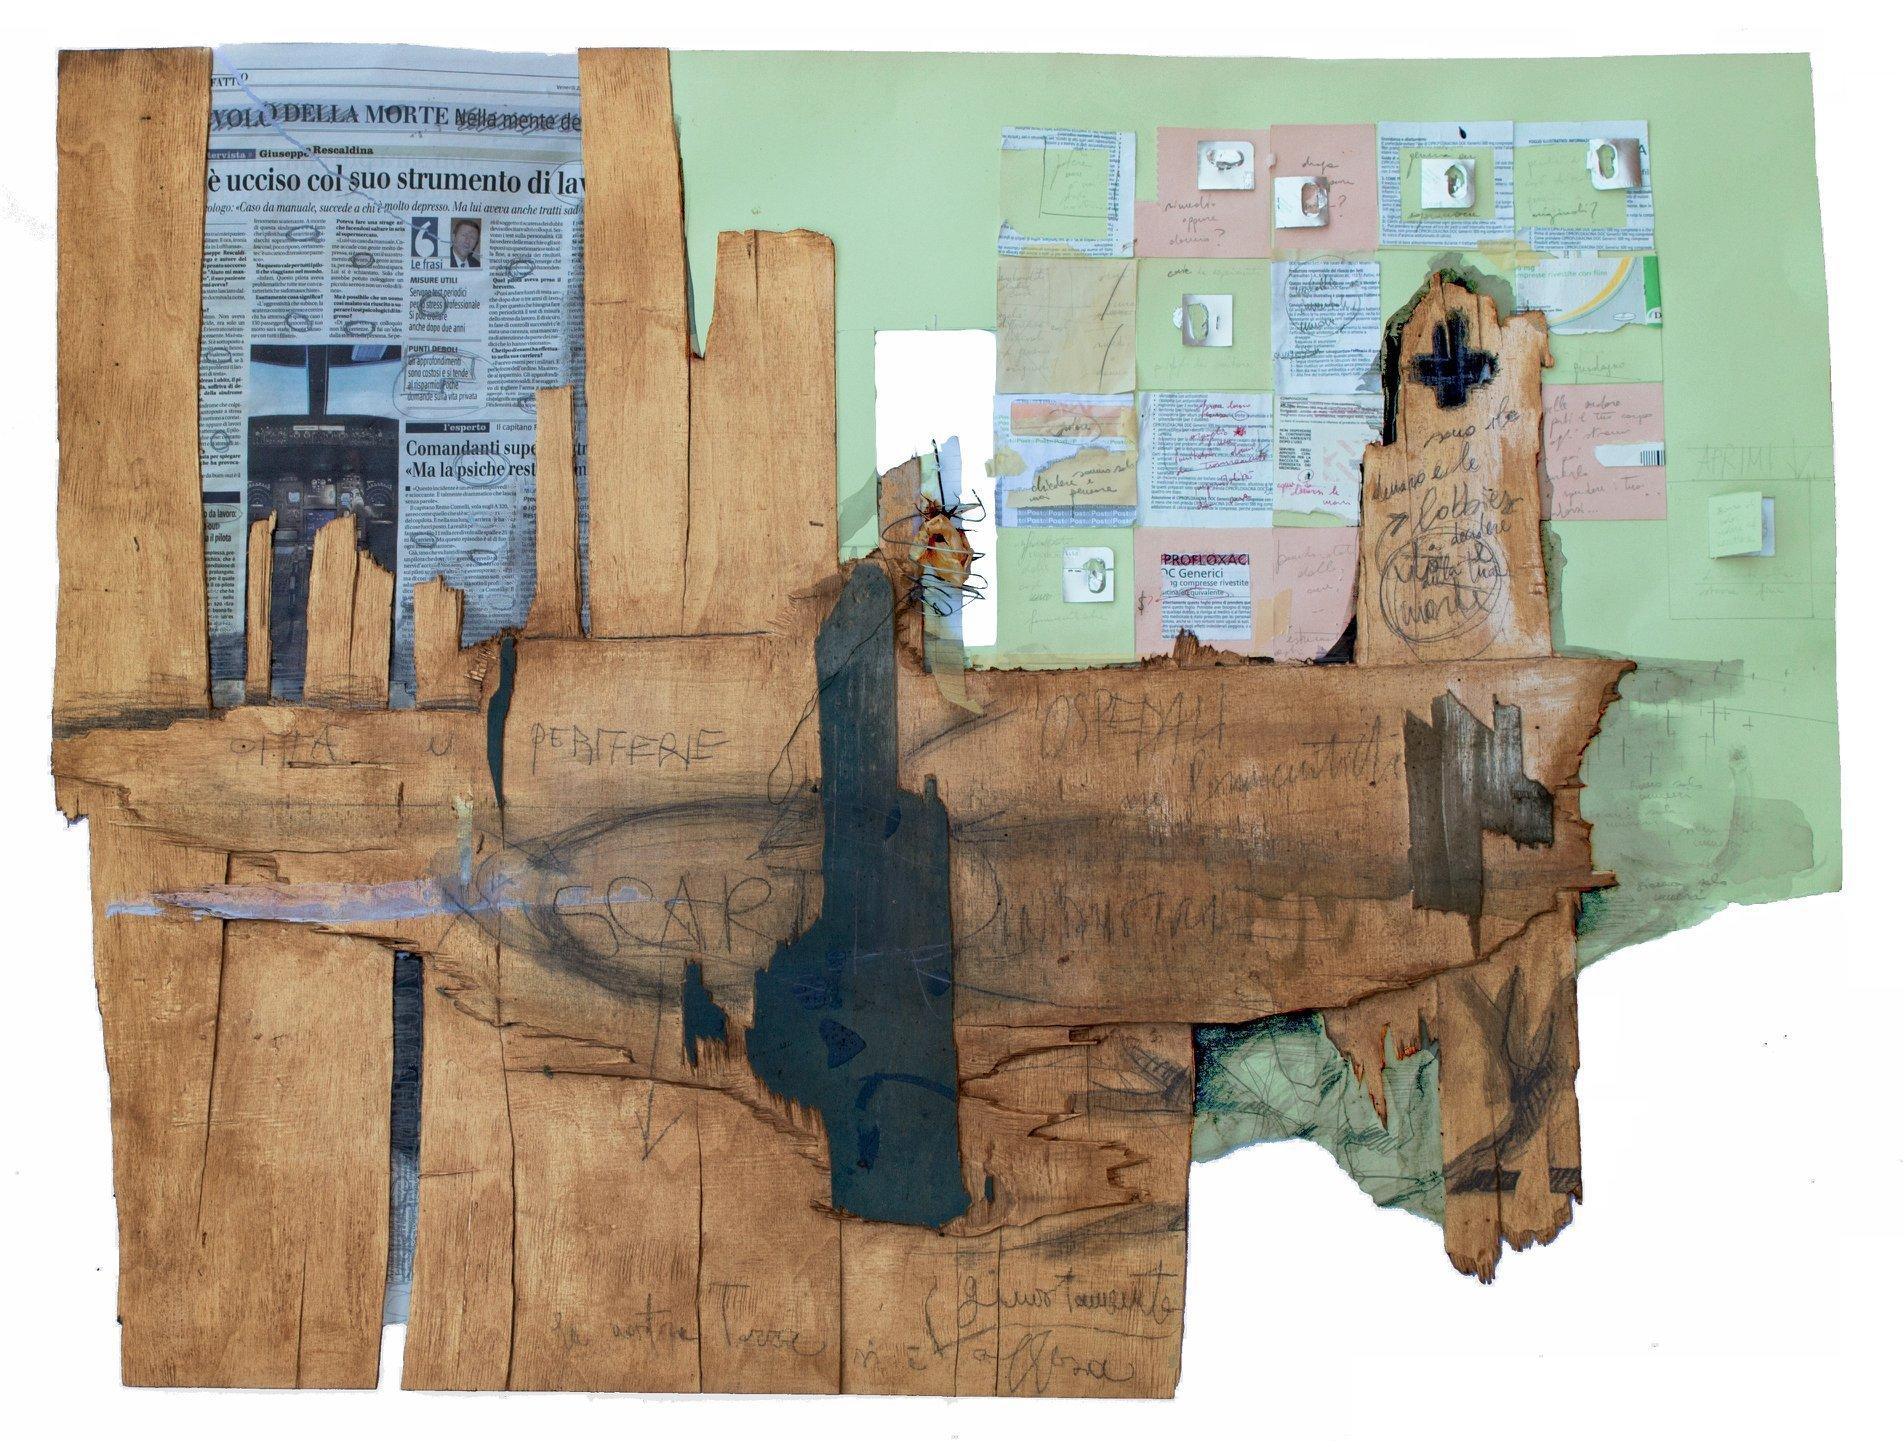 Gloria Veronica Lavagnini - Guardandosi attorno - Tecnica mista (collage di materiali e carte su tavola) -  80 x 100 x 4 cm. - 2018